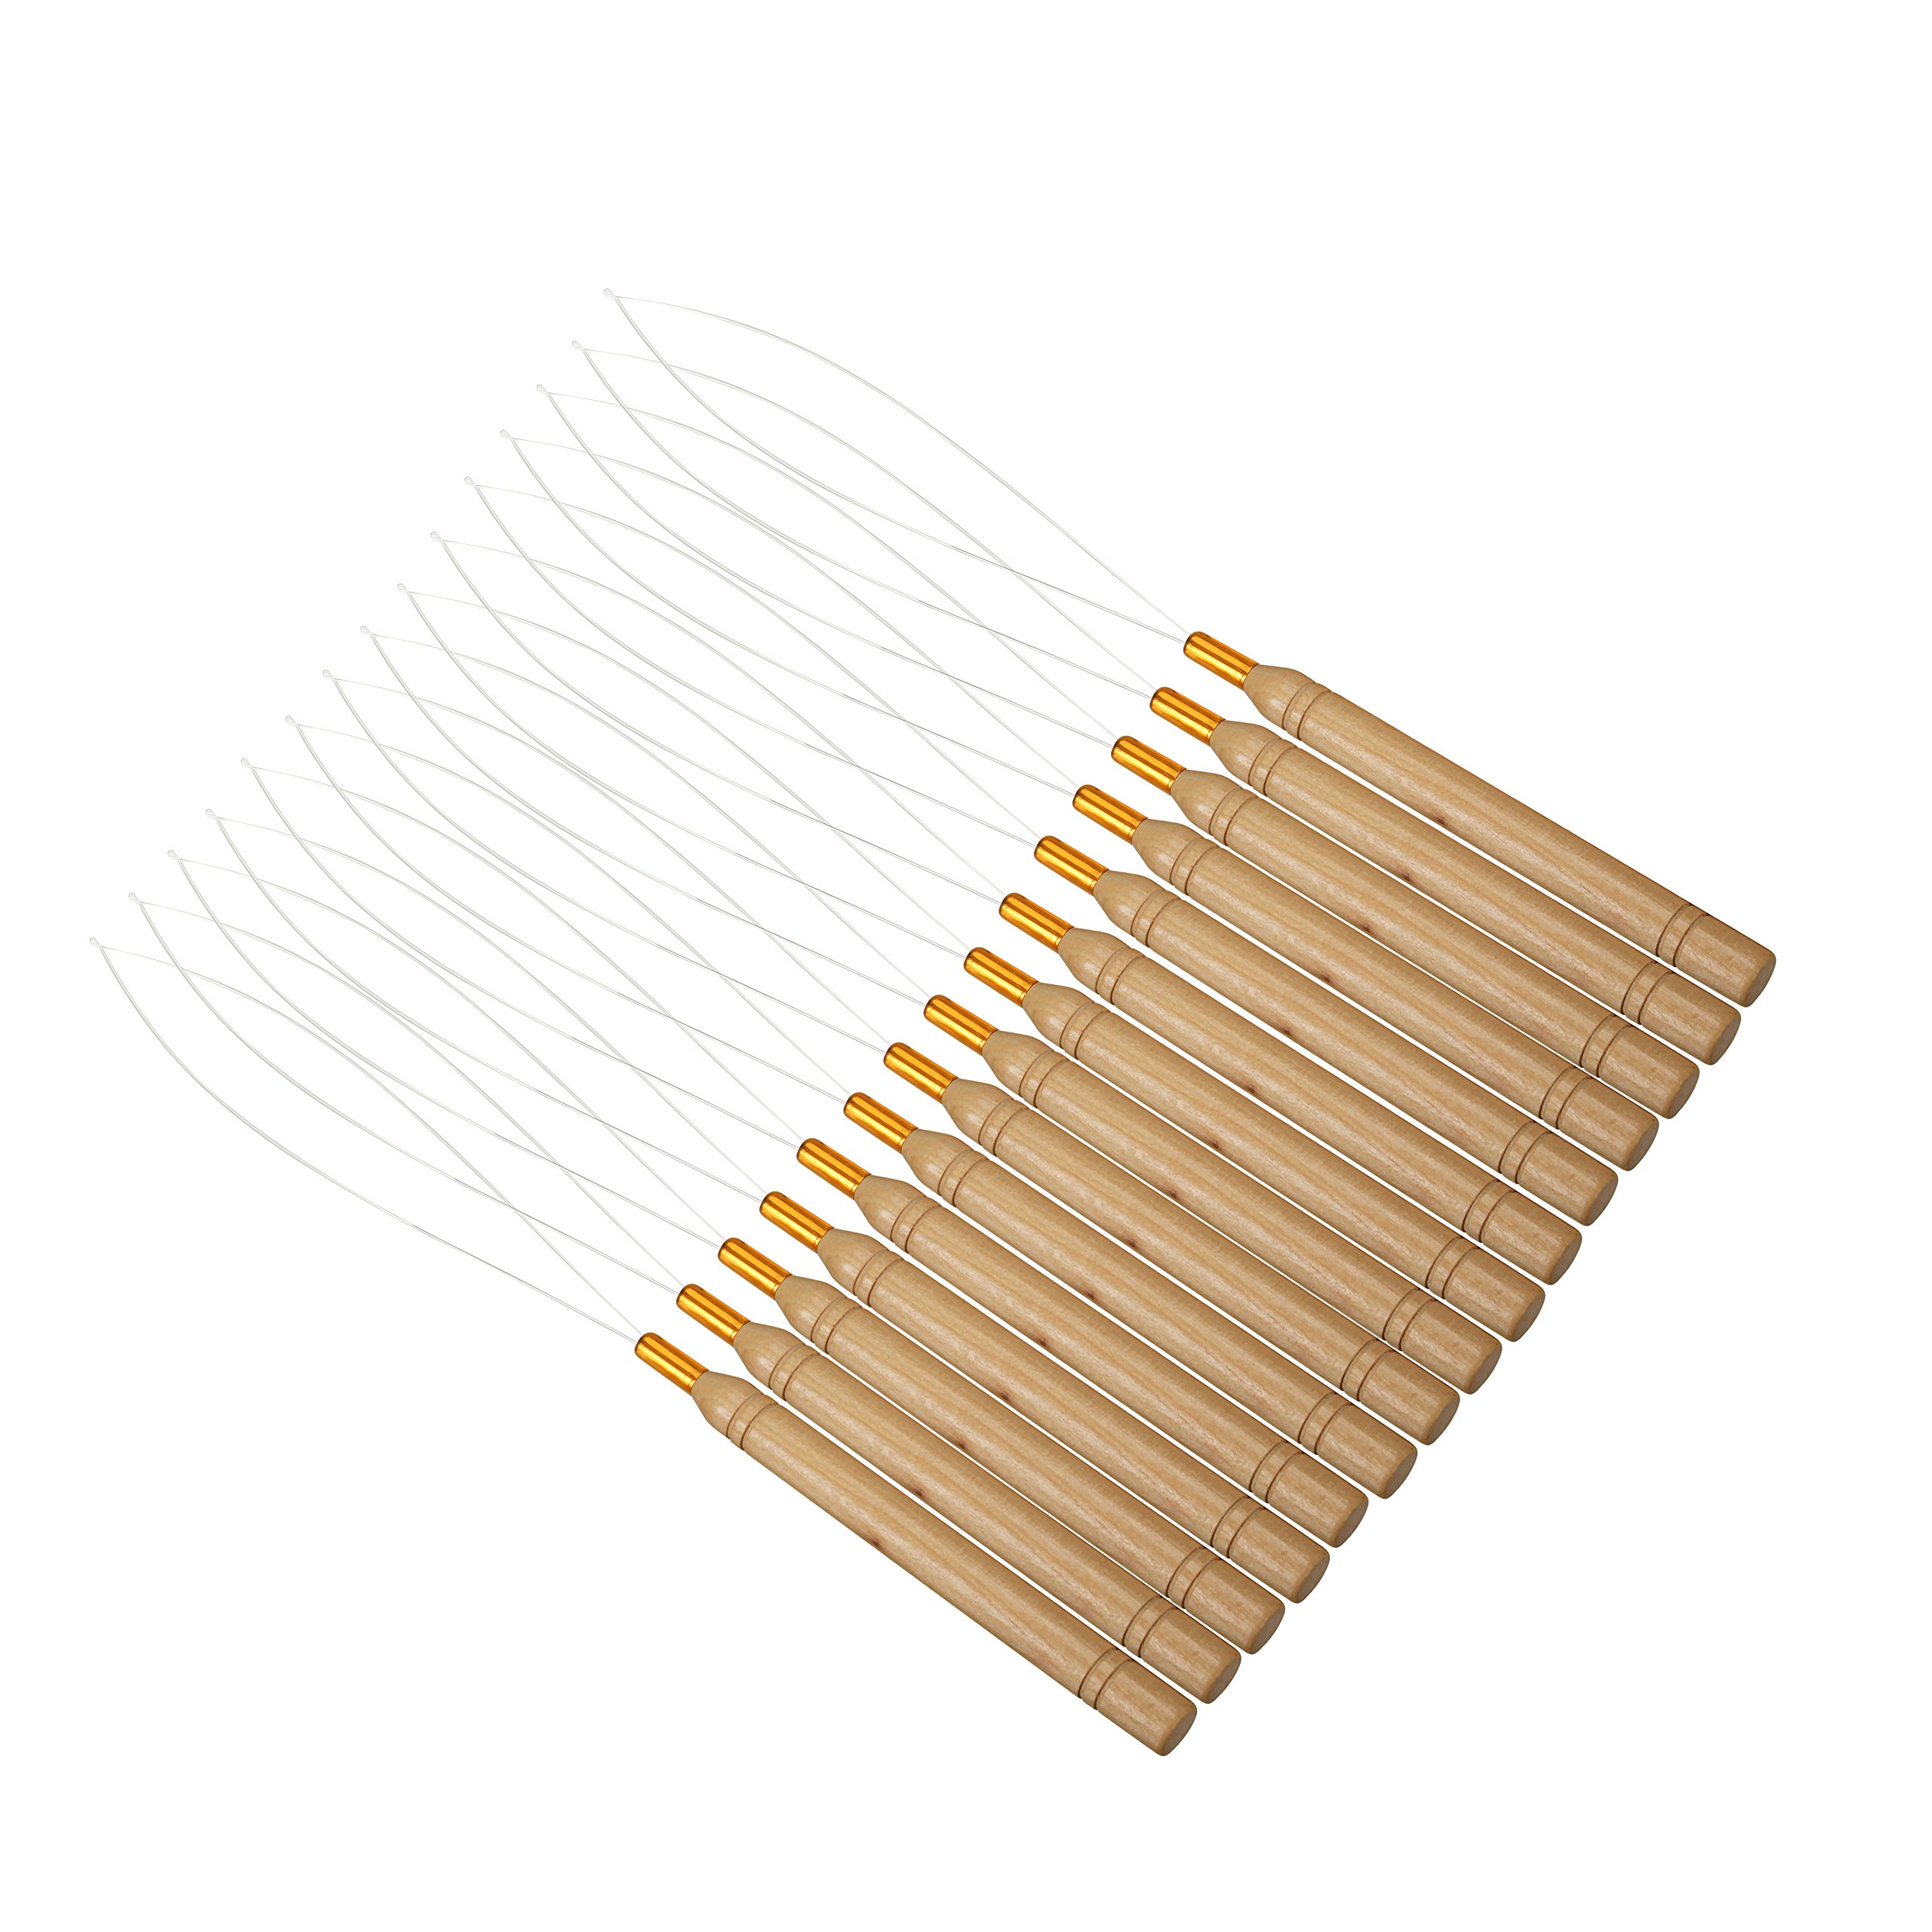 Odstore 15 Pack Wooden Hair Extension Loop Needle